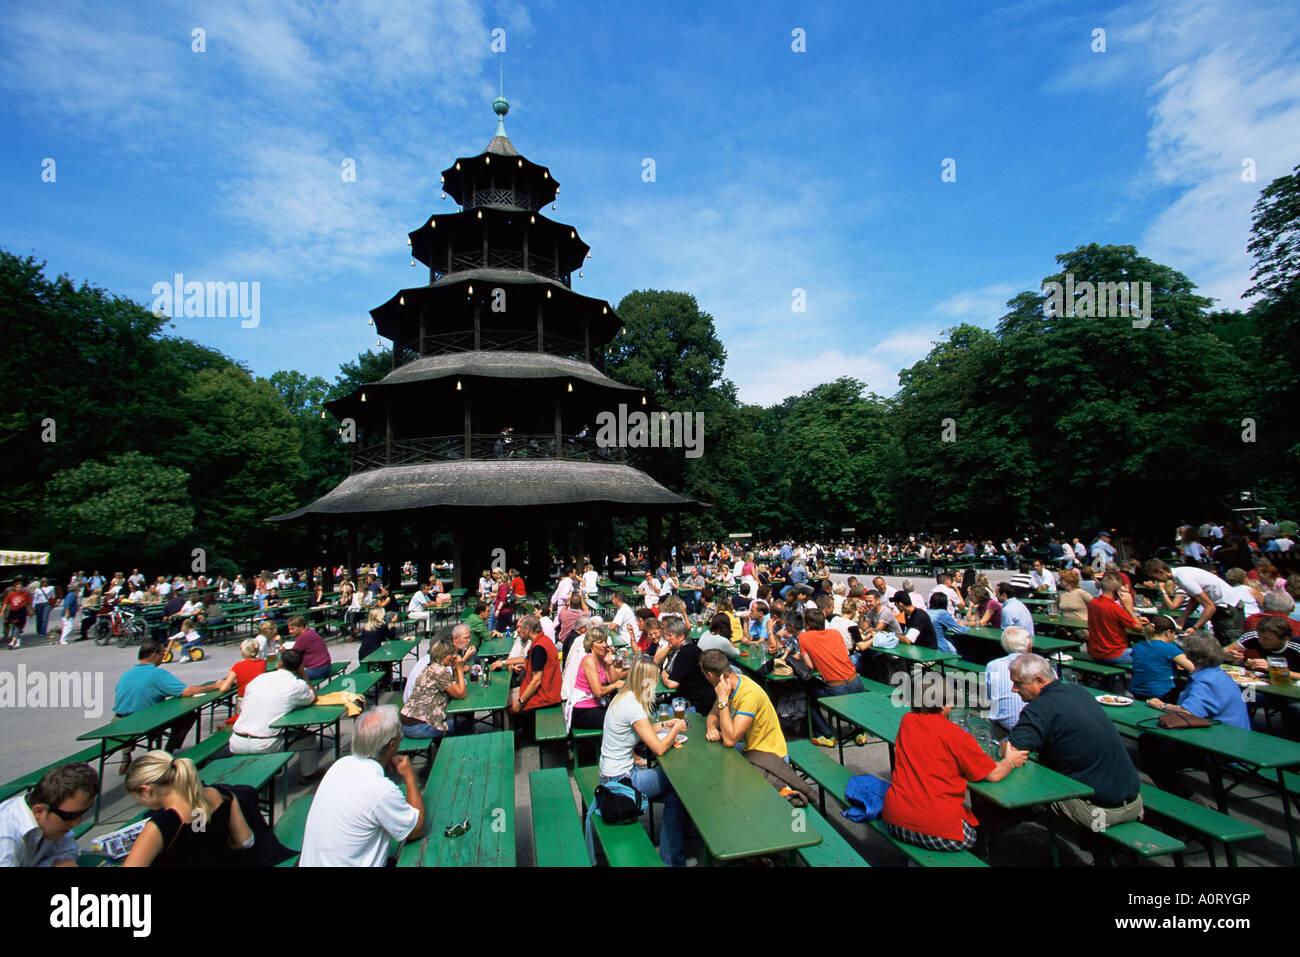 Leute Sitzen Im Biergarten Chinesischen Turm Im Englischen Garten